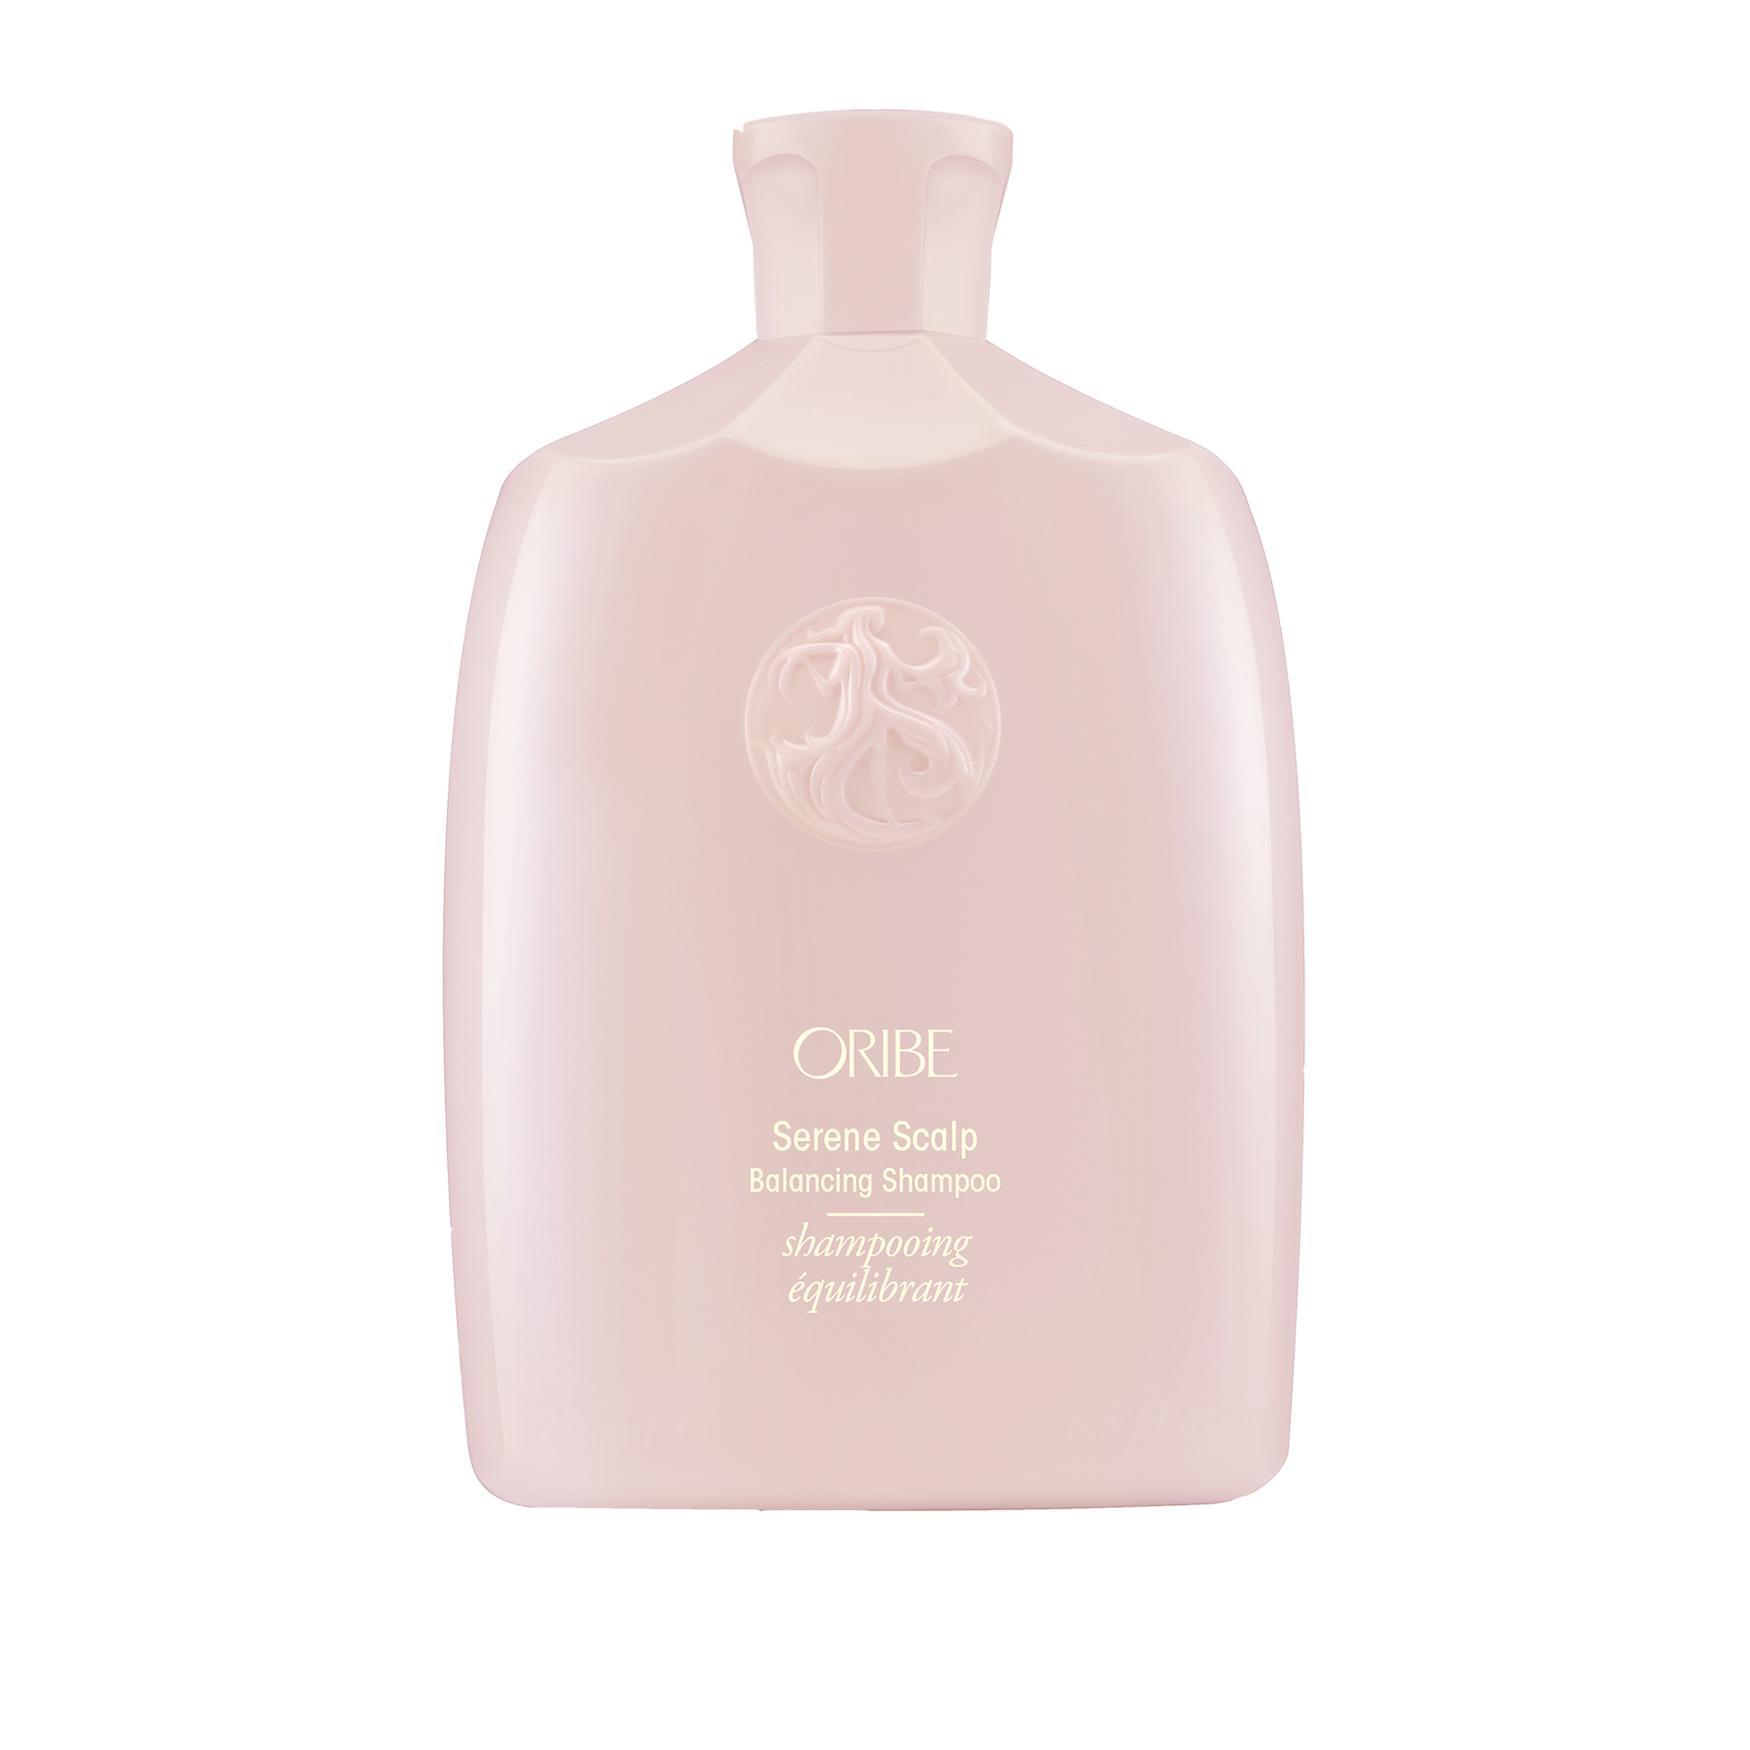 Serene Scalp Balancing Shampoo, , large